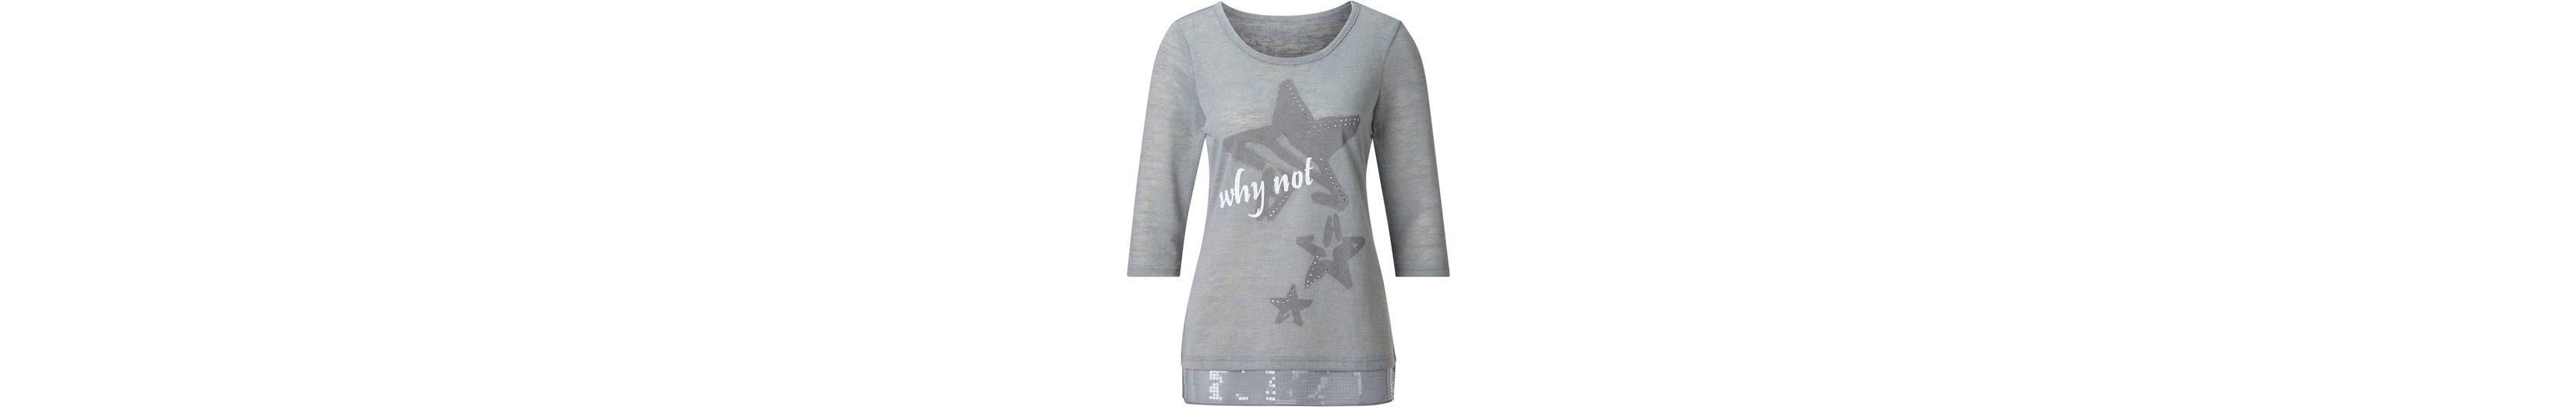 Verkaufsstelle Classic Inspirationen Shirt mit Glitzer-Steinchen Freies Verschiffen Neue Ankunft Billig Verkauf Finish NpA1m